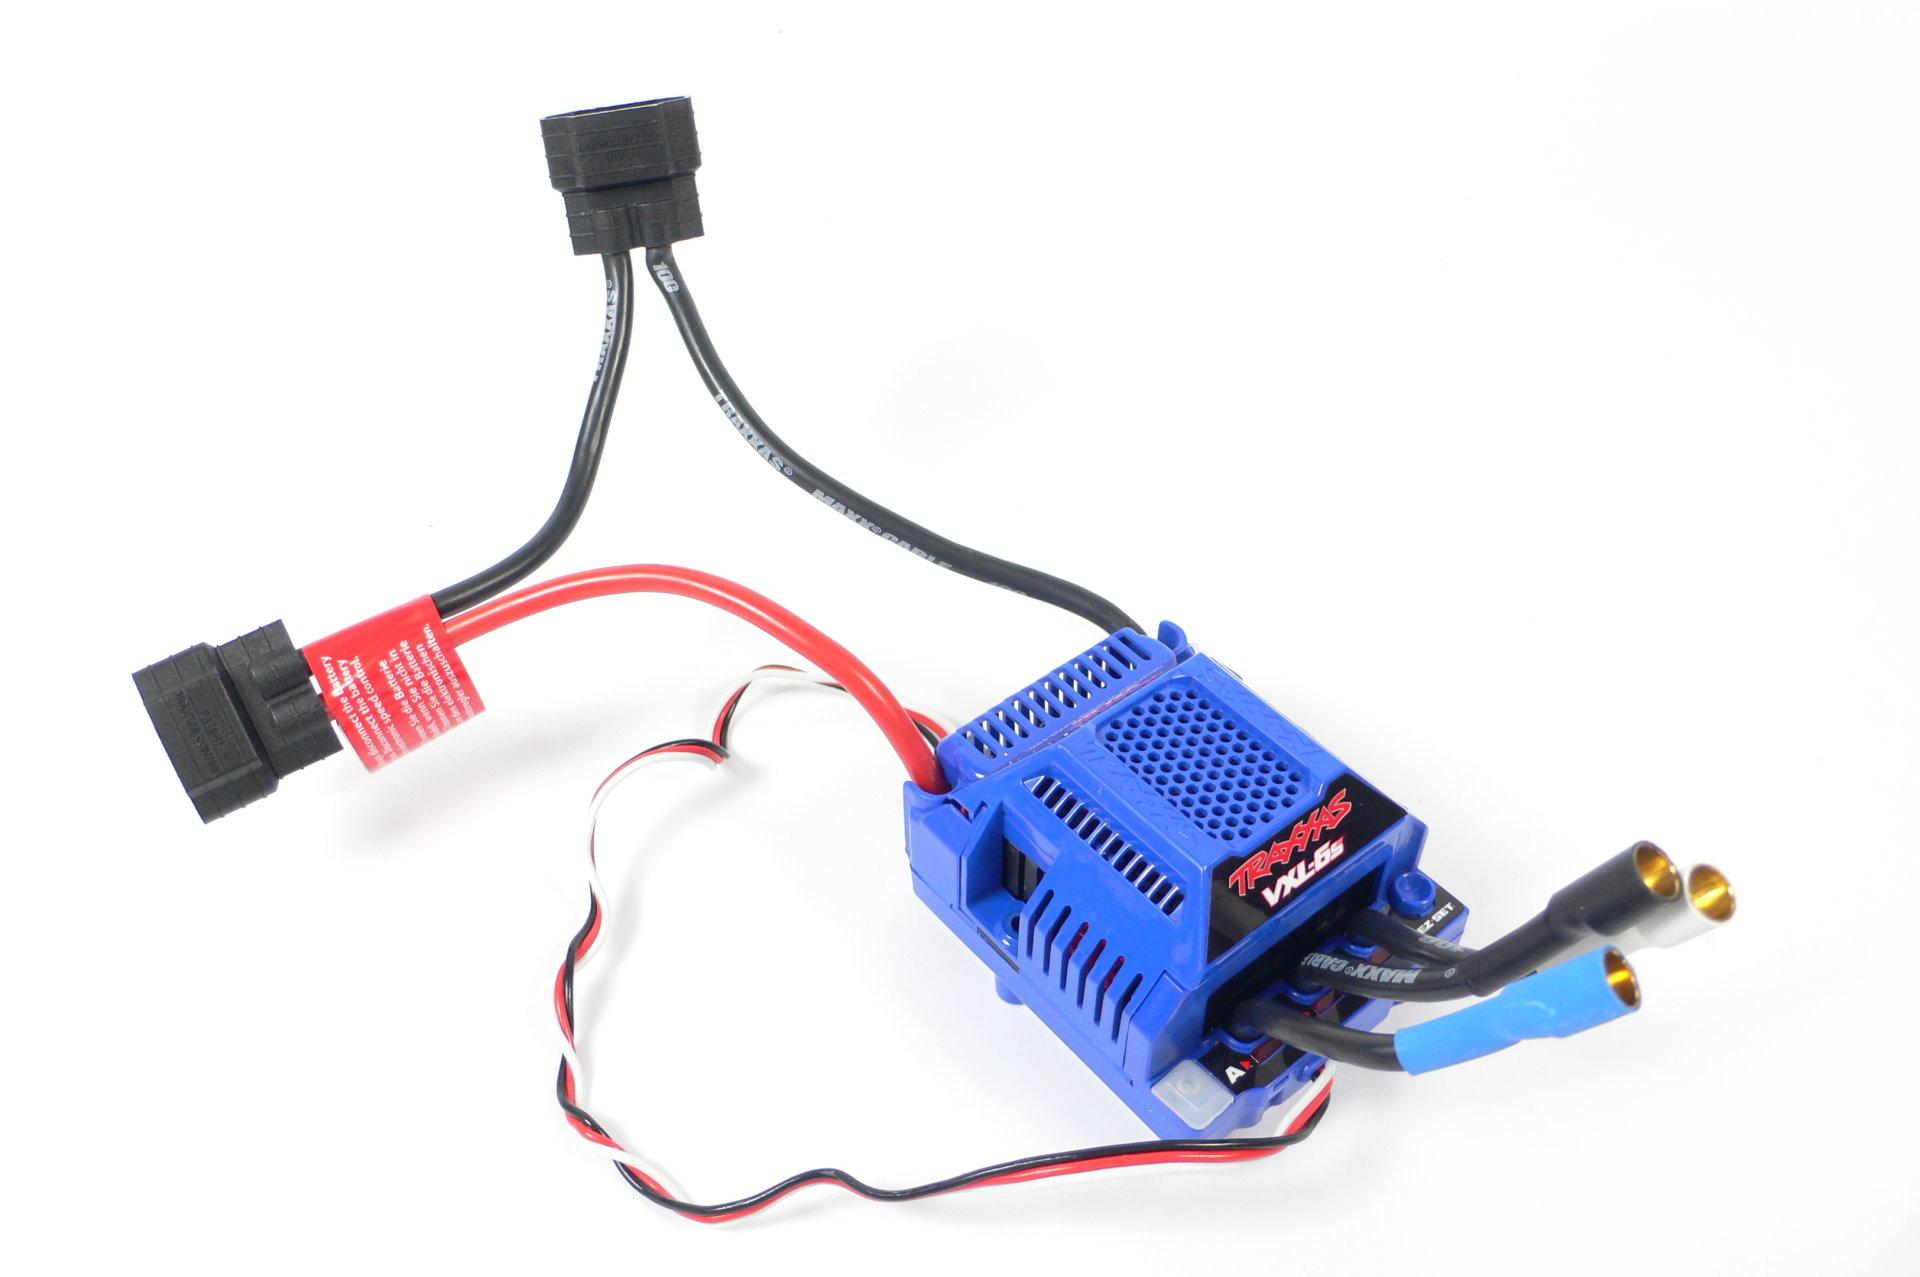 Traxxas 3485 Velineon VXL-6s Brushless ESC Fahrtenregler E-Revo 2.0 Regler 4-6S